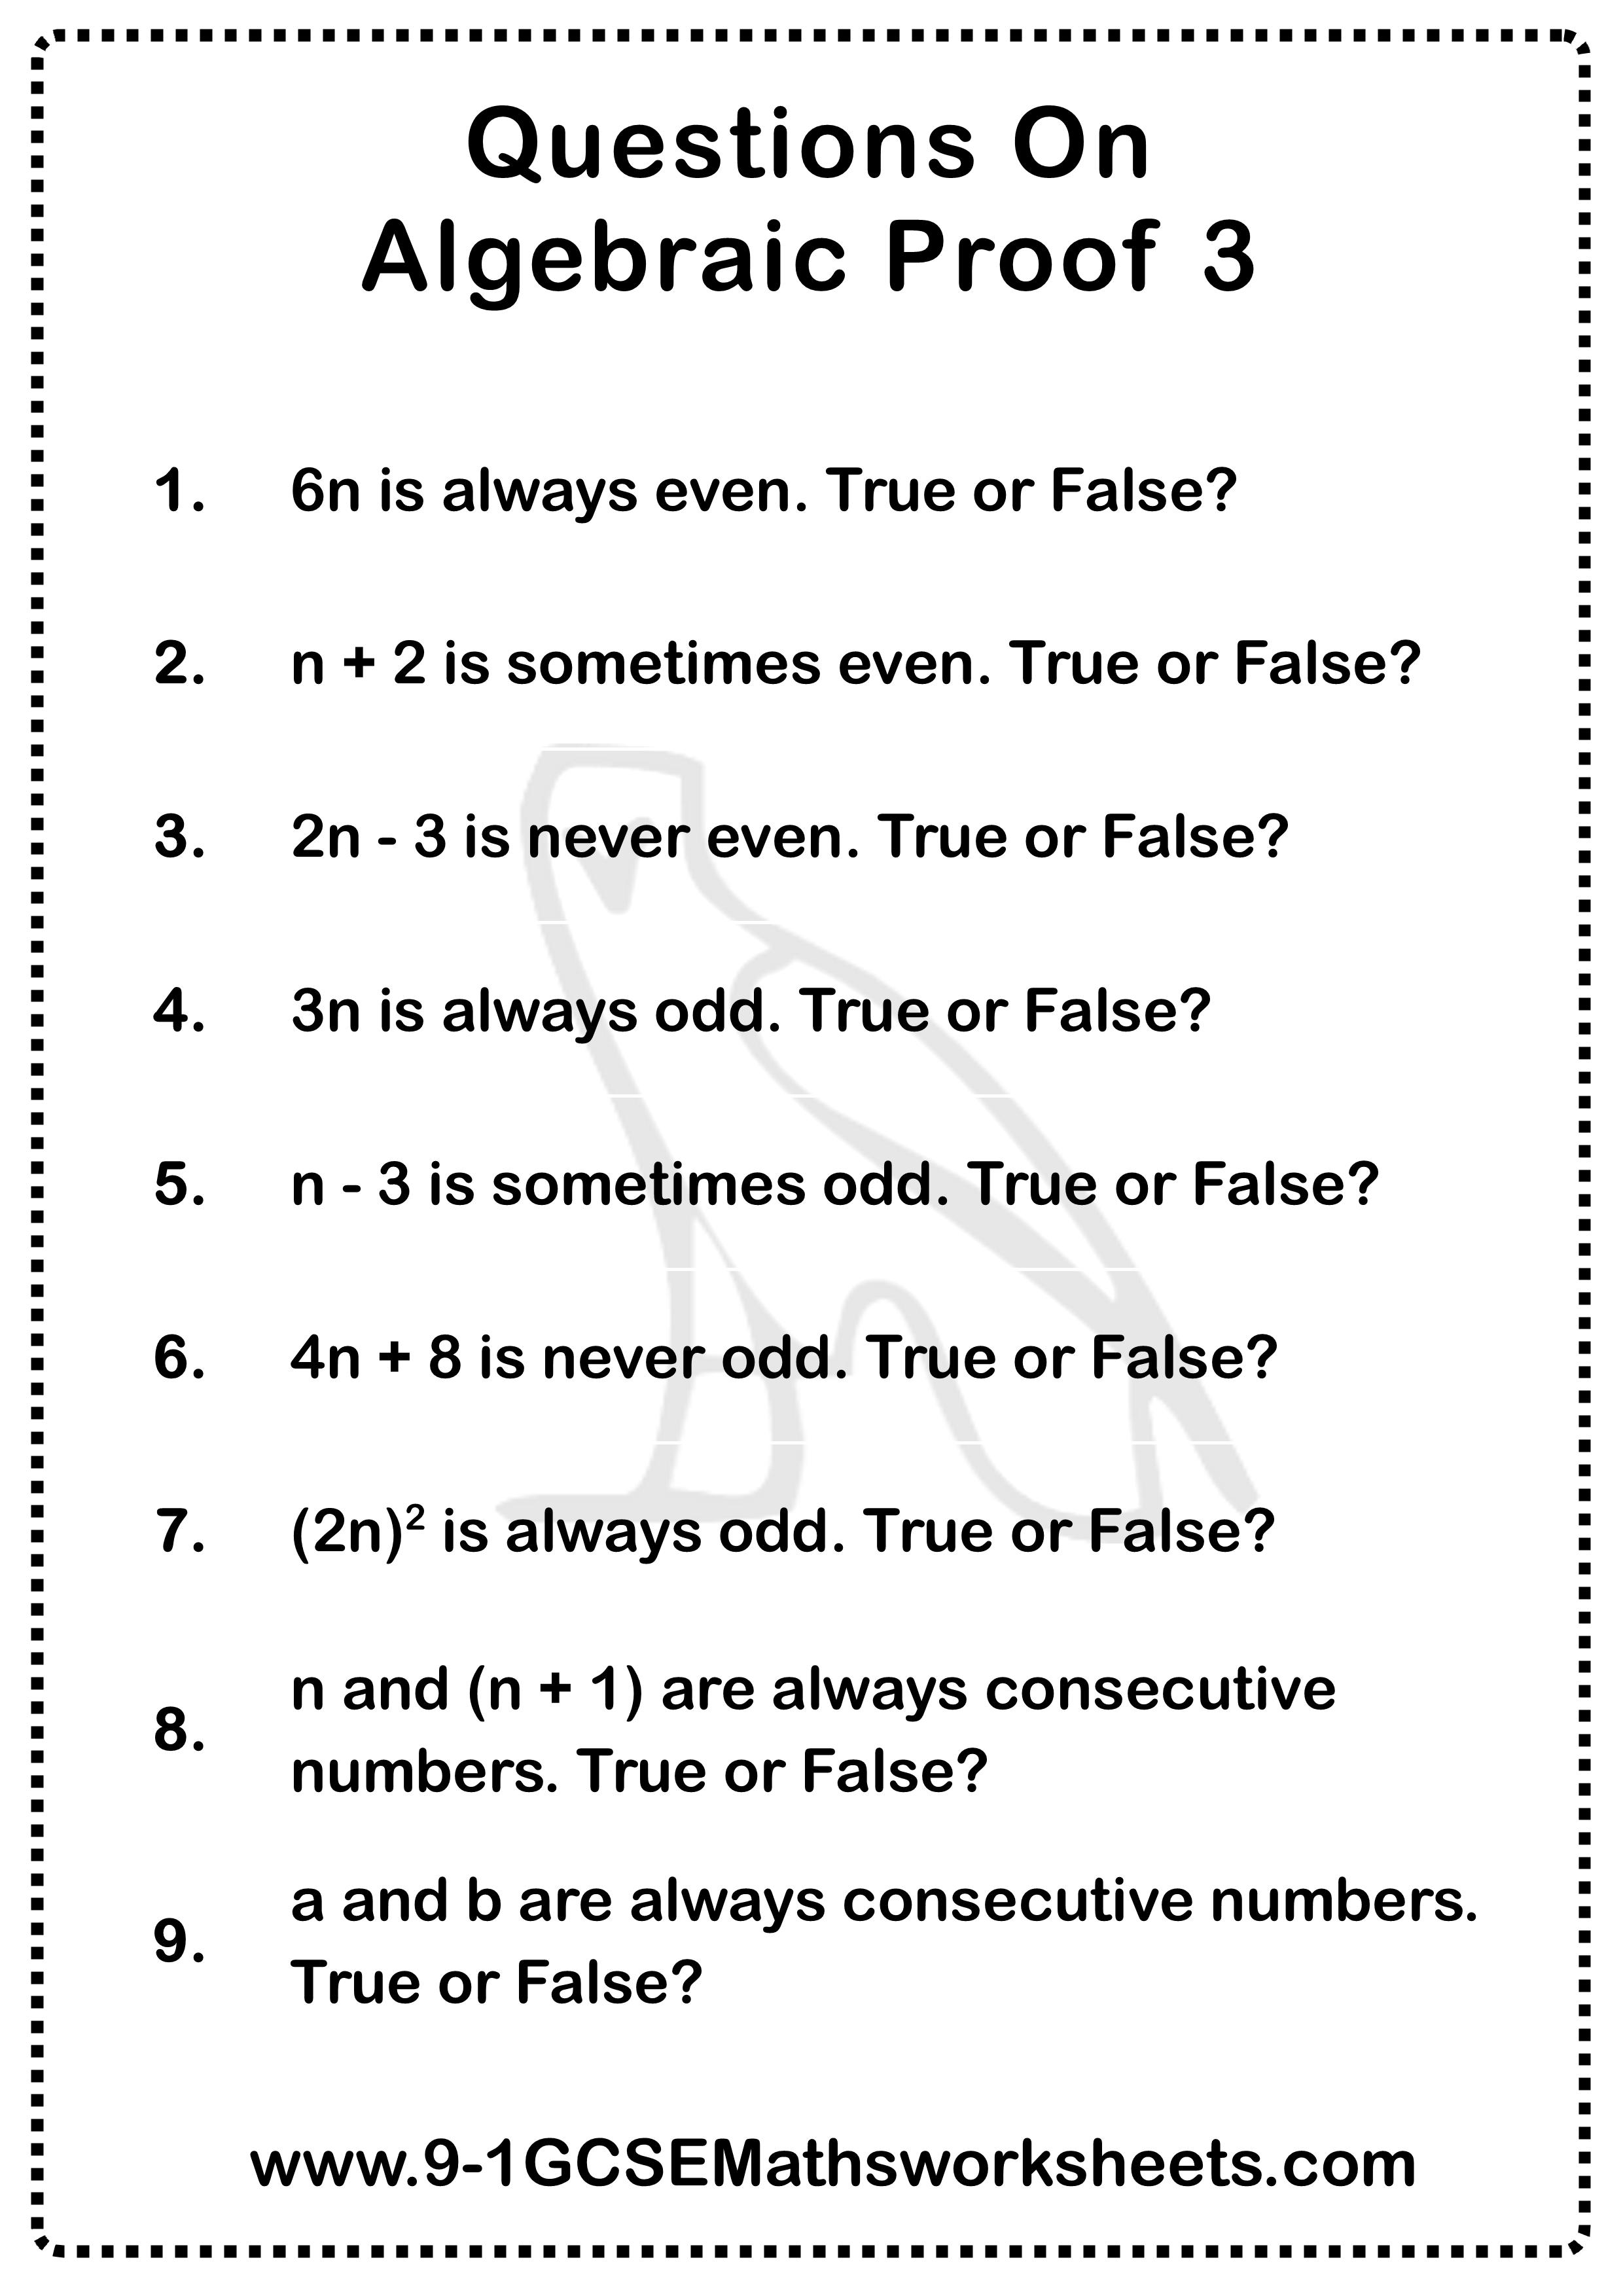 Algebraic Proof Worksheet 3